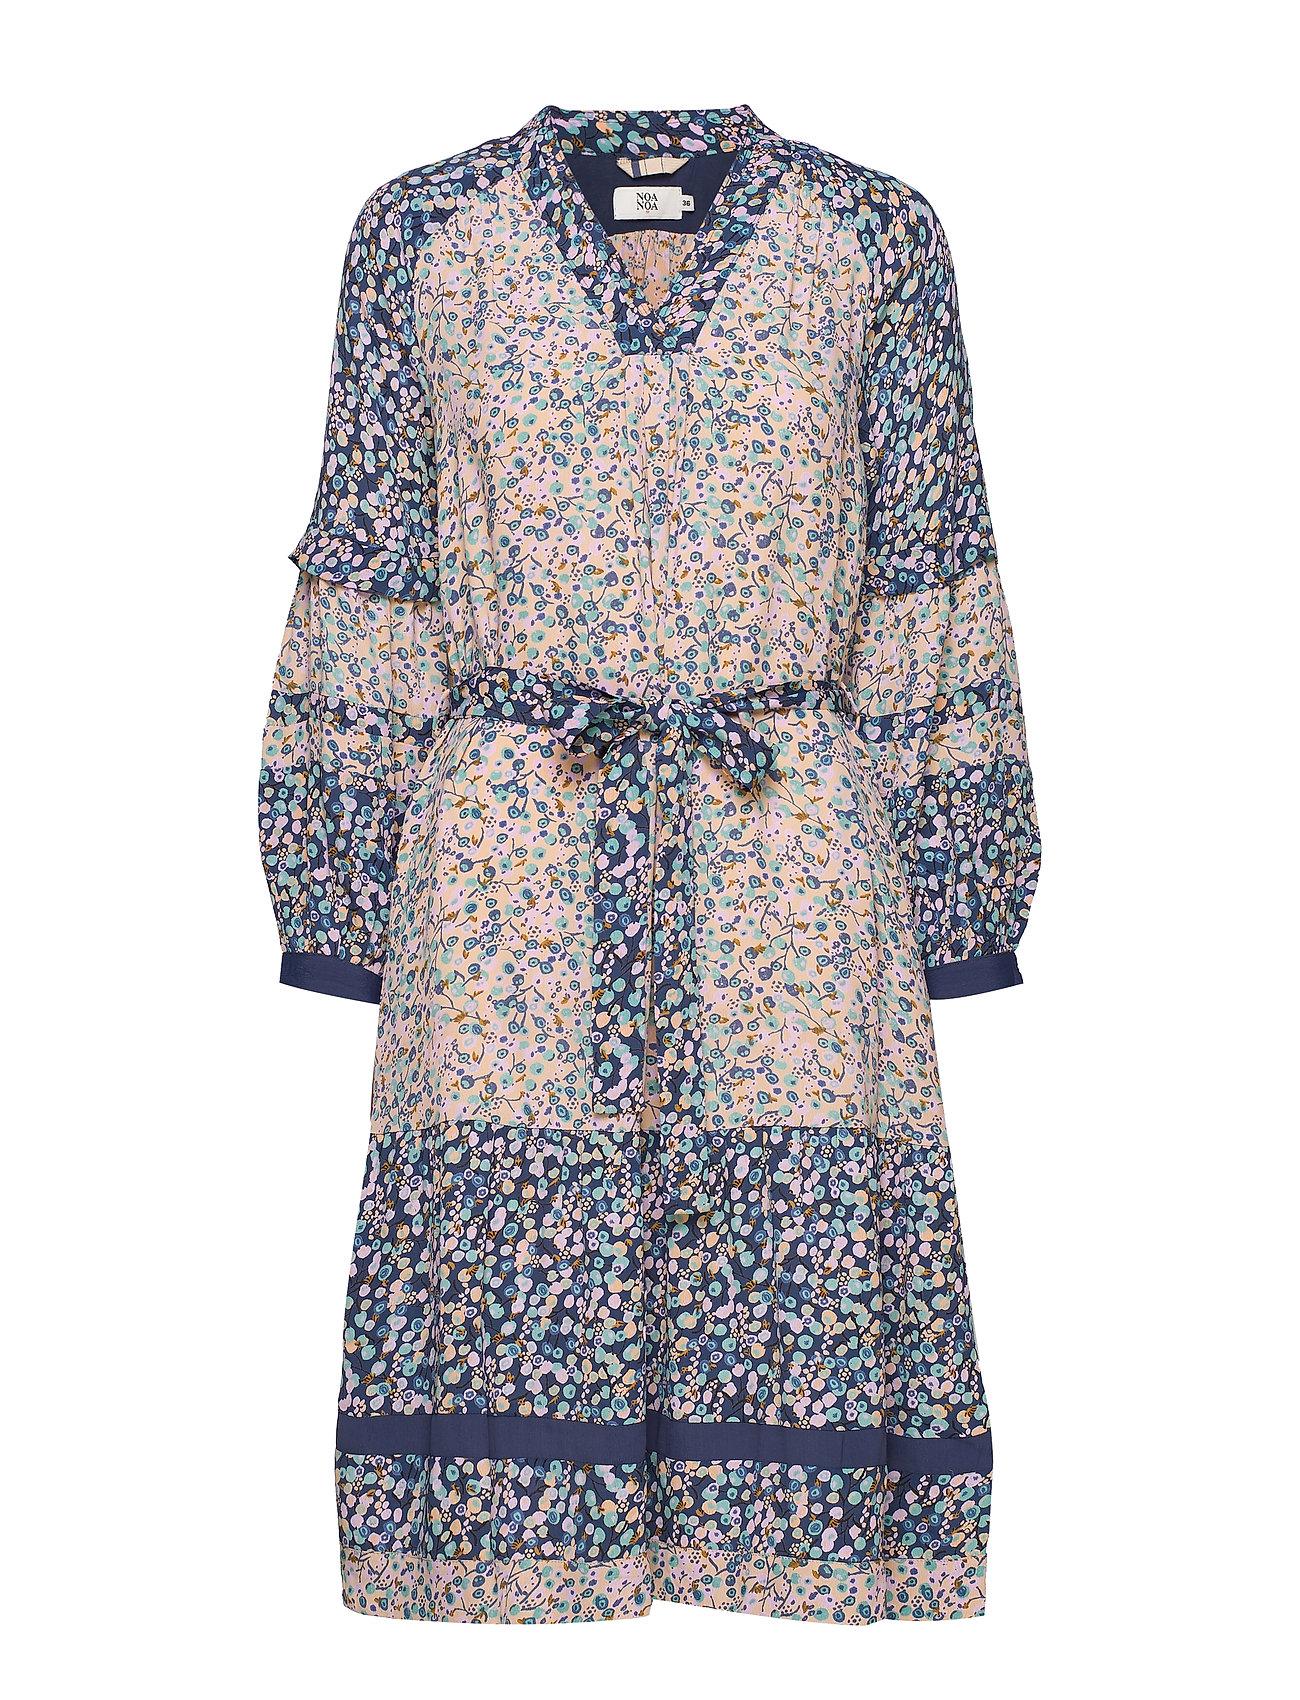 Noa Noa Dress long sleeve - PRINT PURPLE